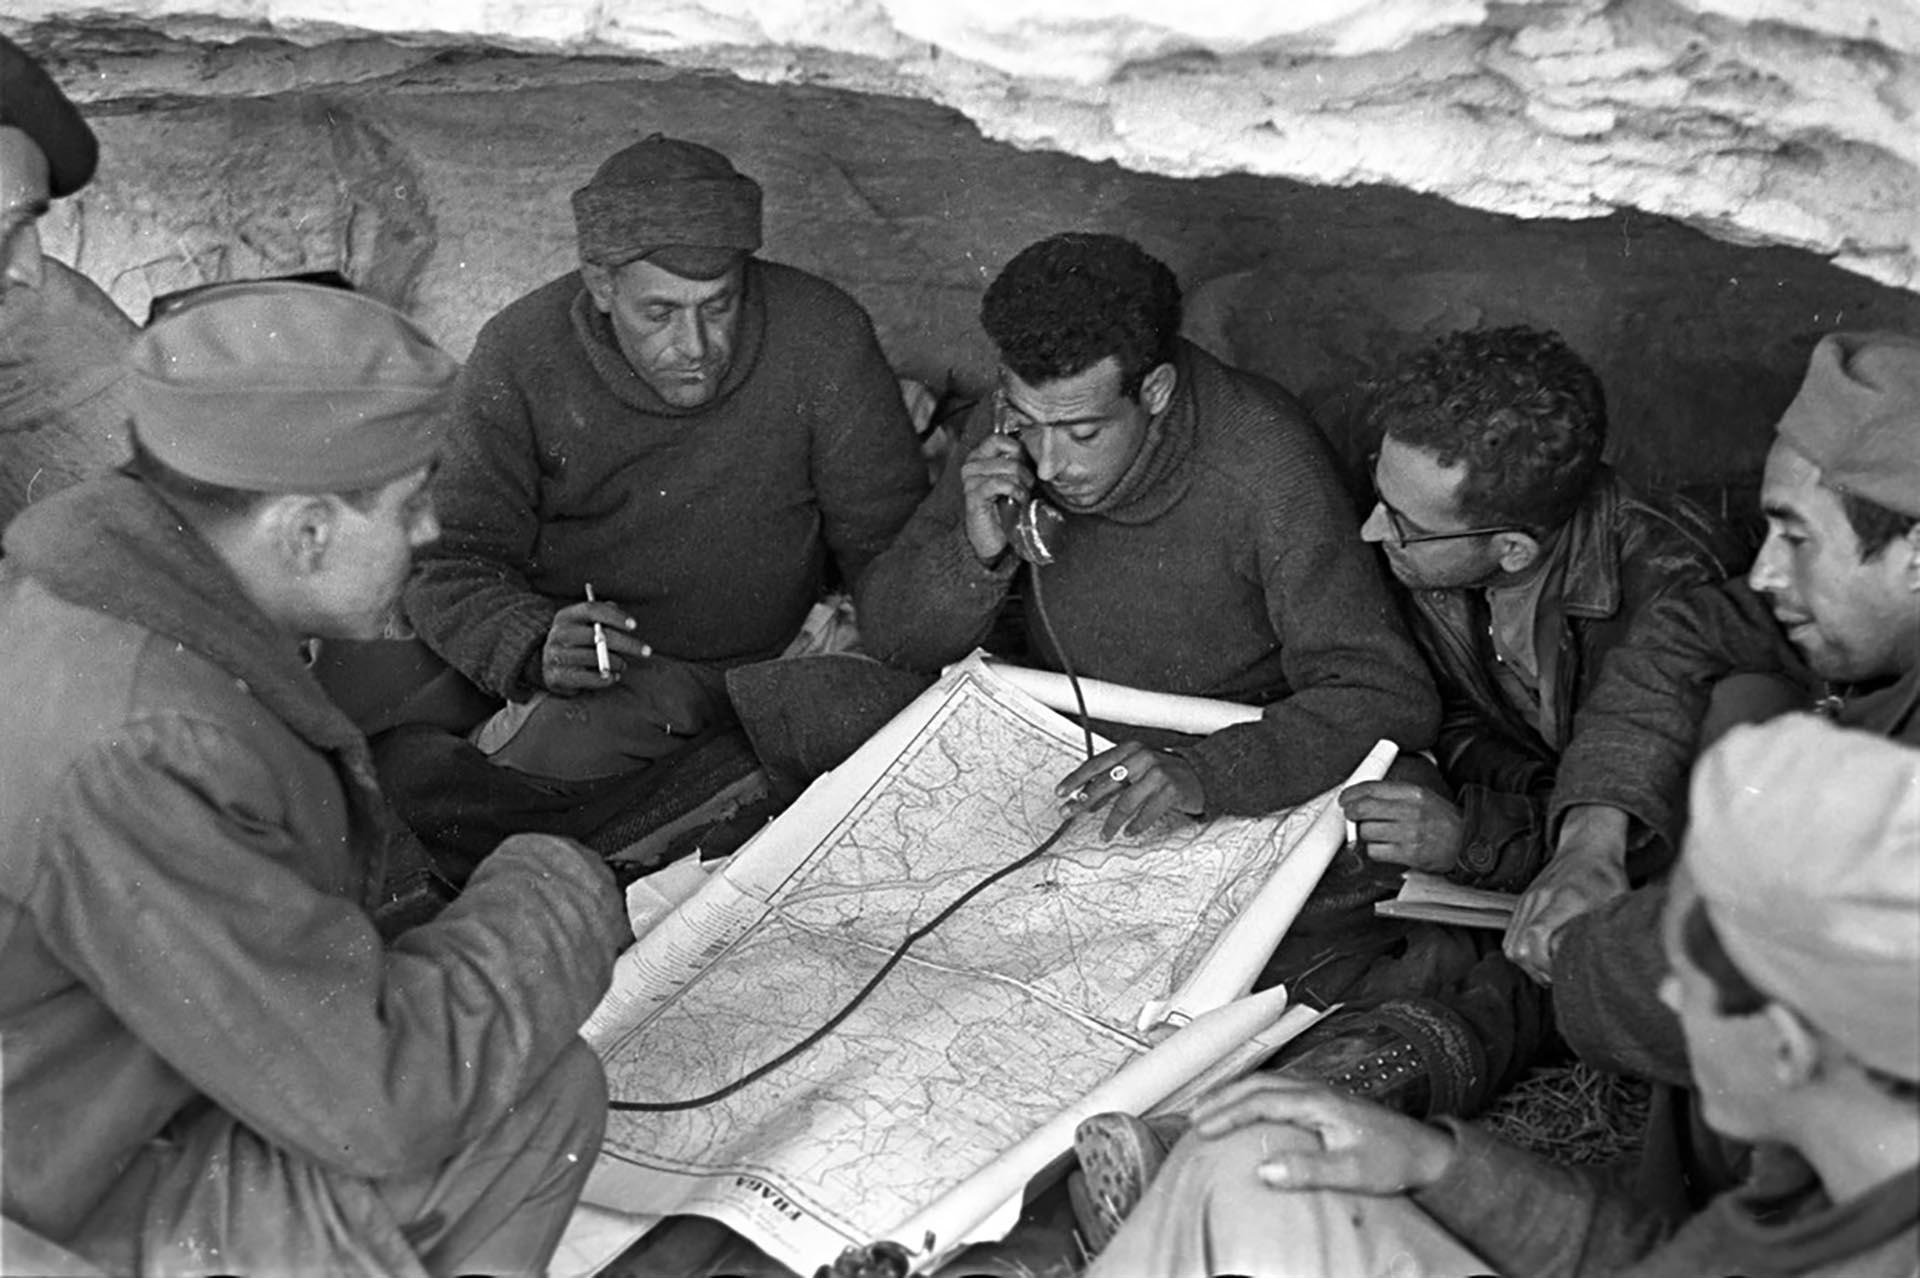 Noviembre de 1938. El frente Aragón en el Río Segre (Robert Capa)